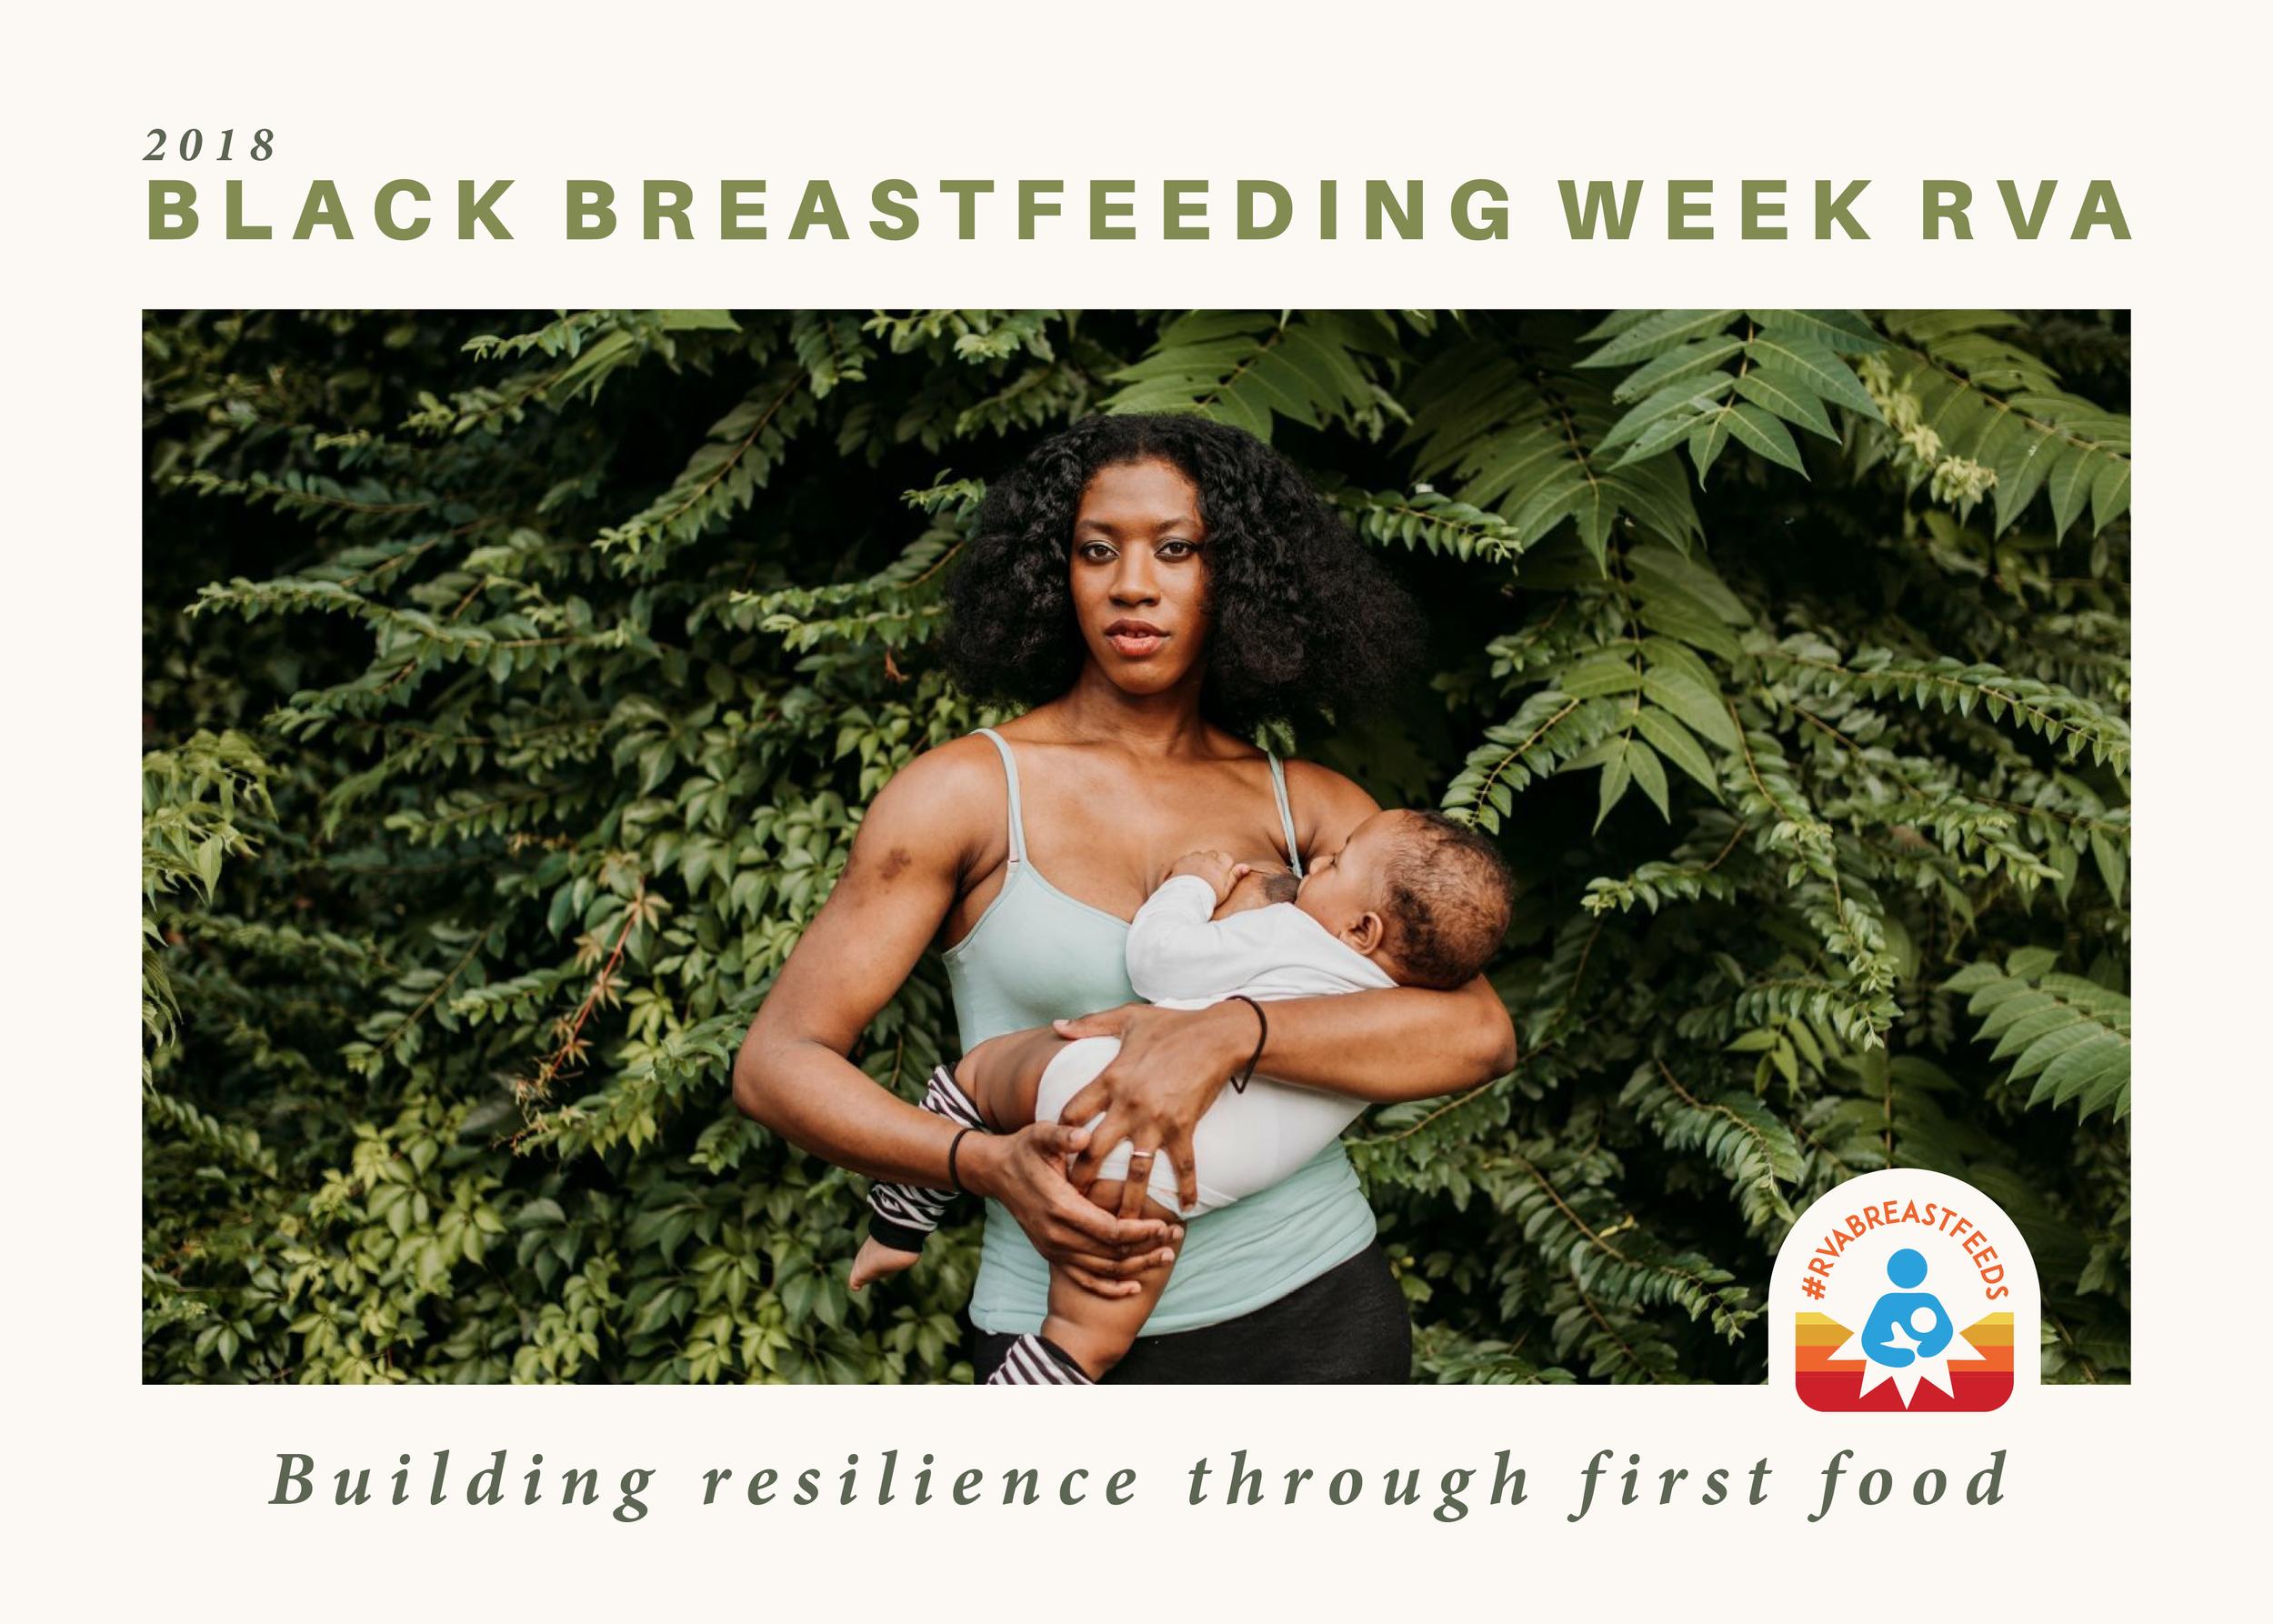 Black Breastfeeding Postcard.png